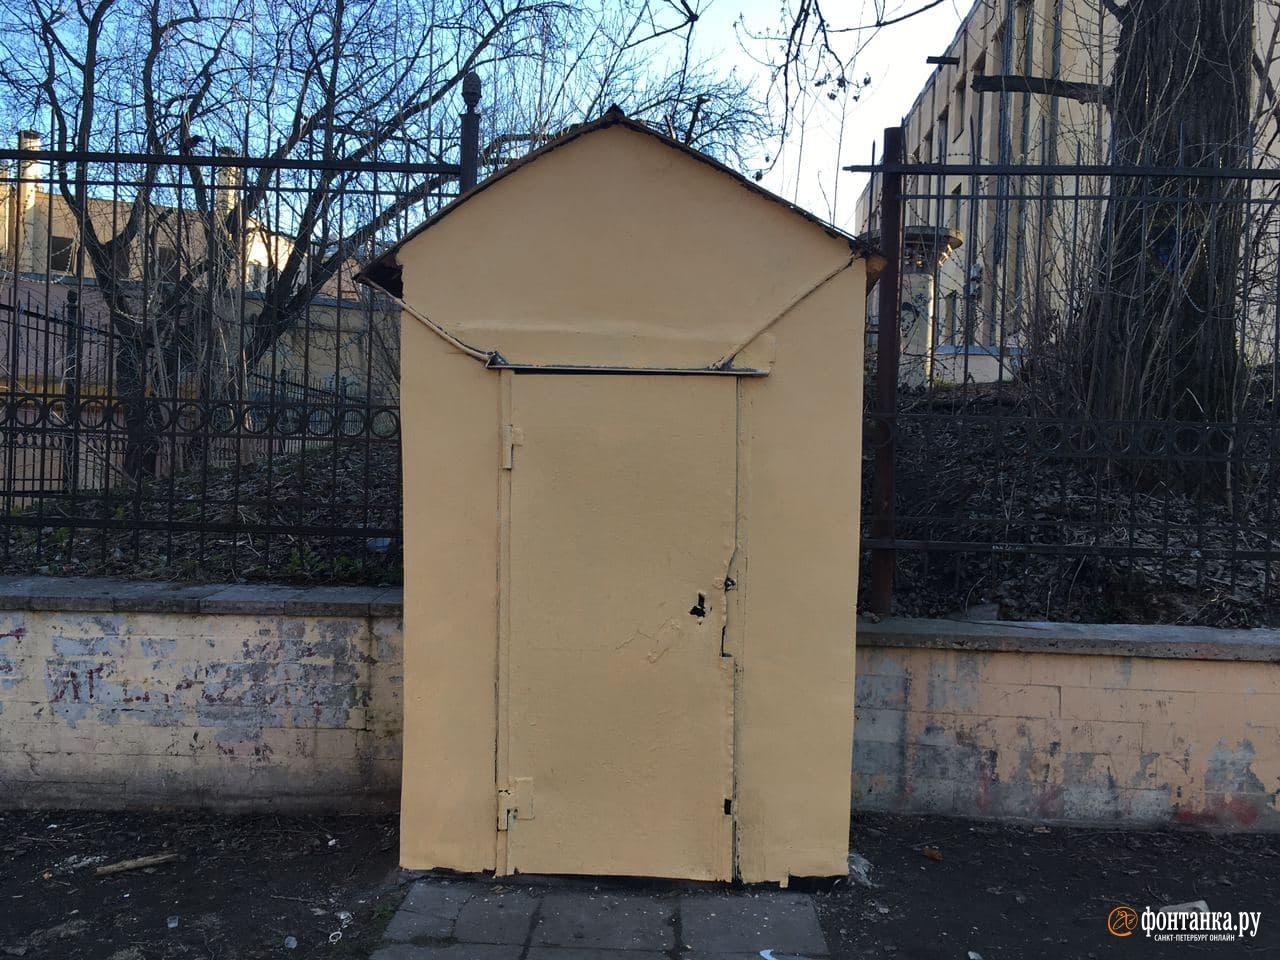 Боец спецназа в саду Петербурга закончил как Навальный: его закрасили